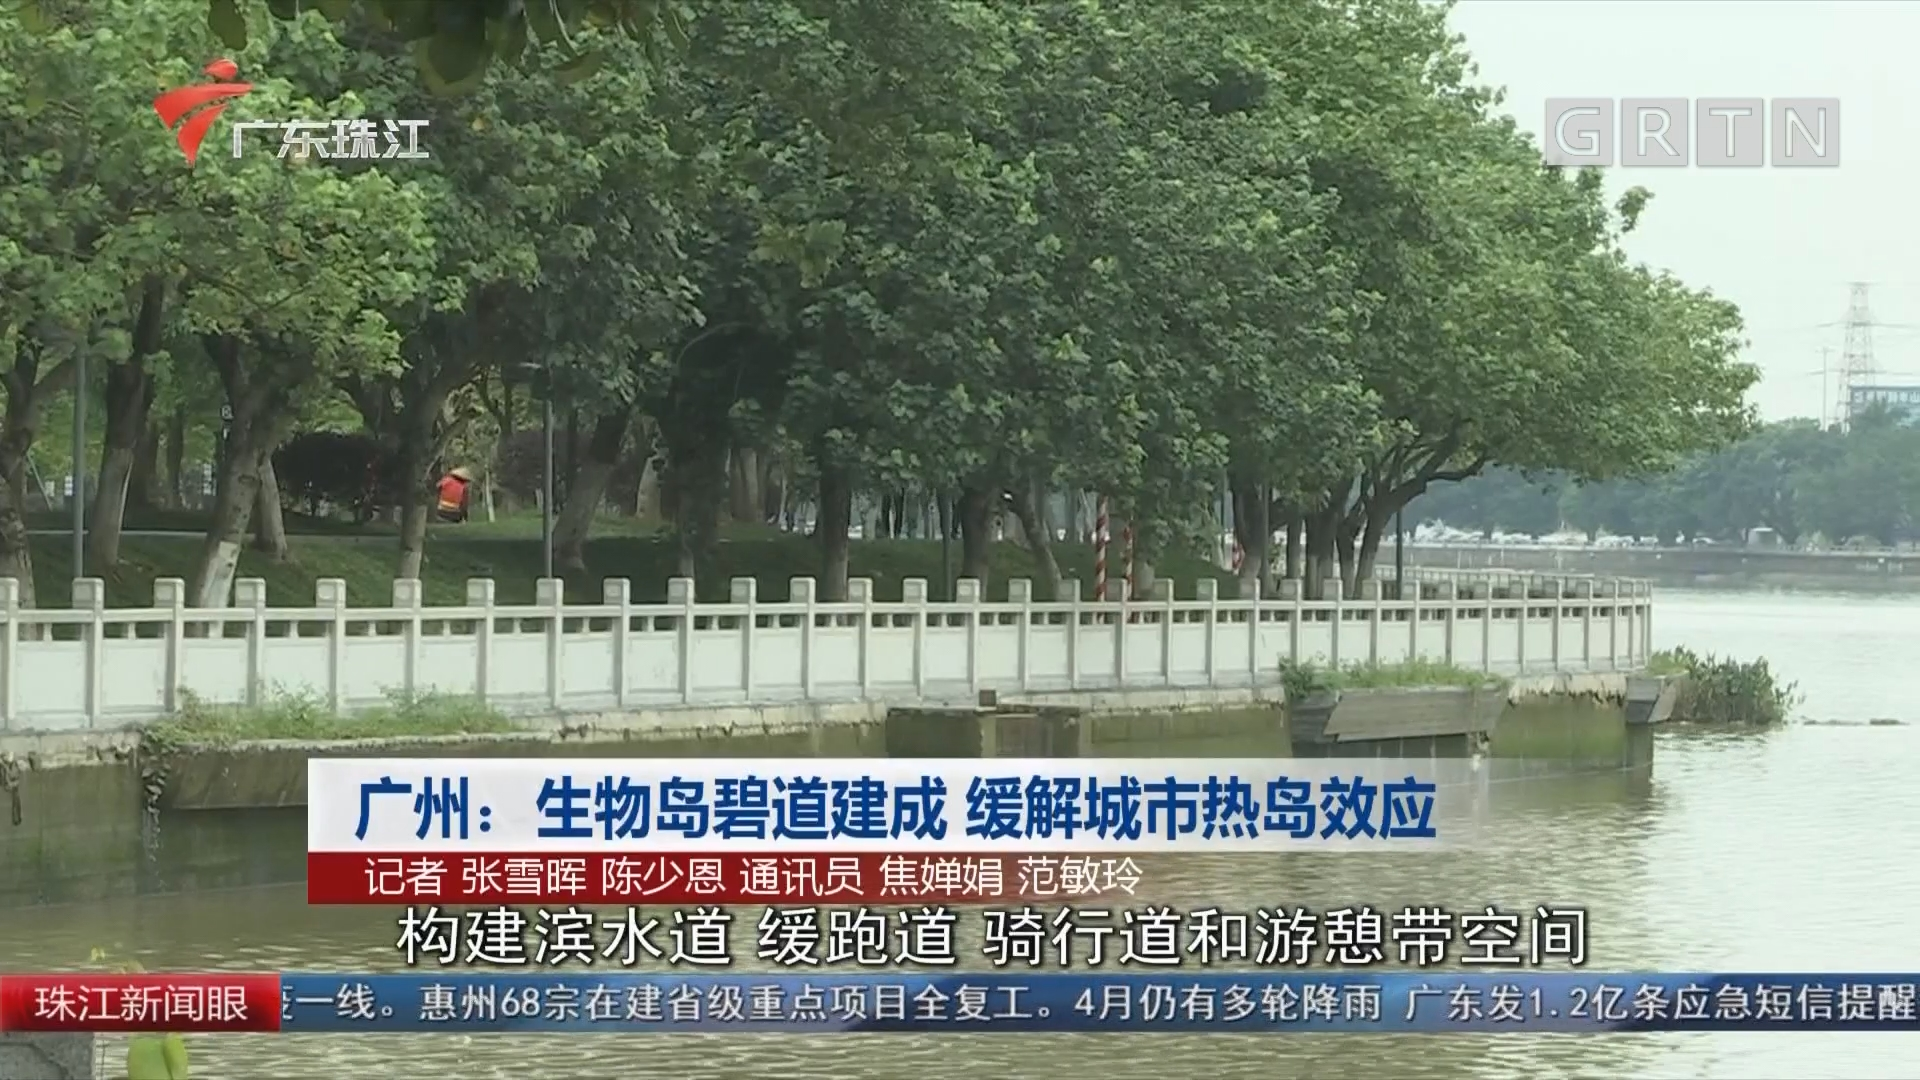 广州:生物岛碧道建成 缓解城市热岛效应